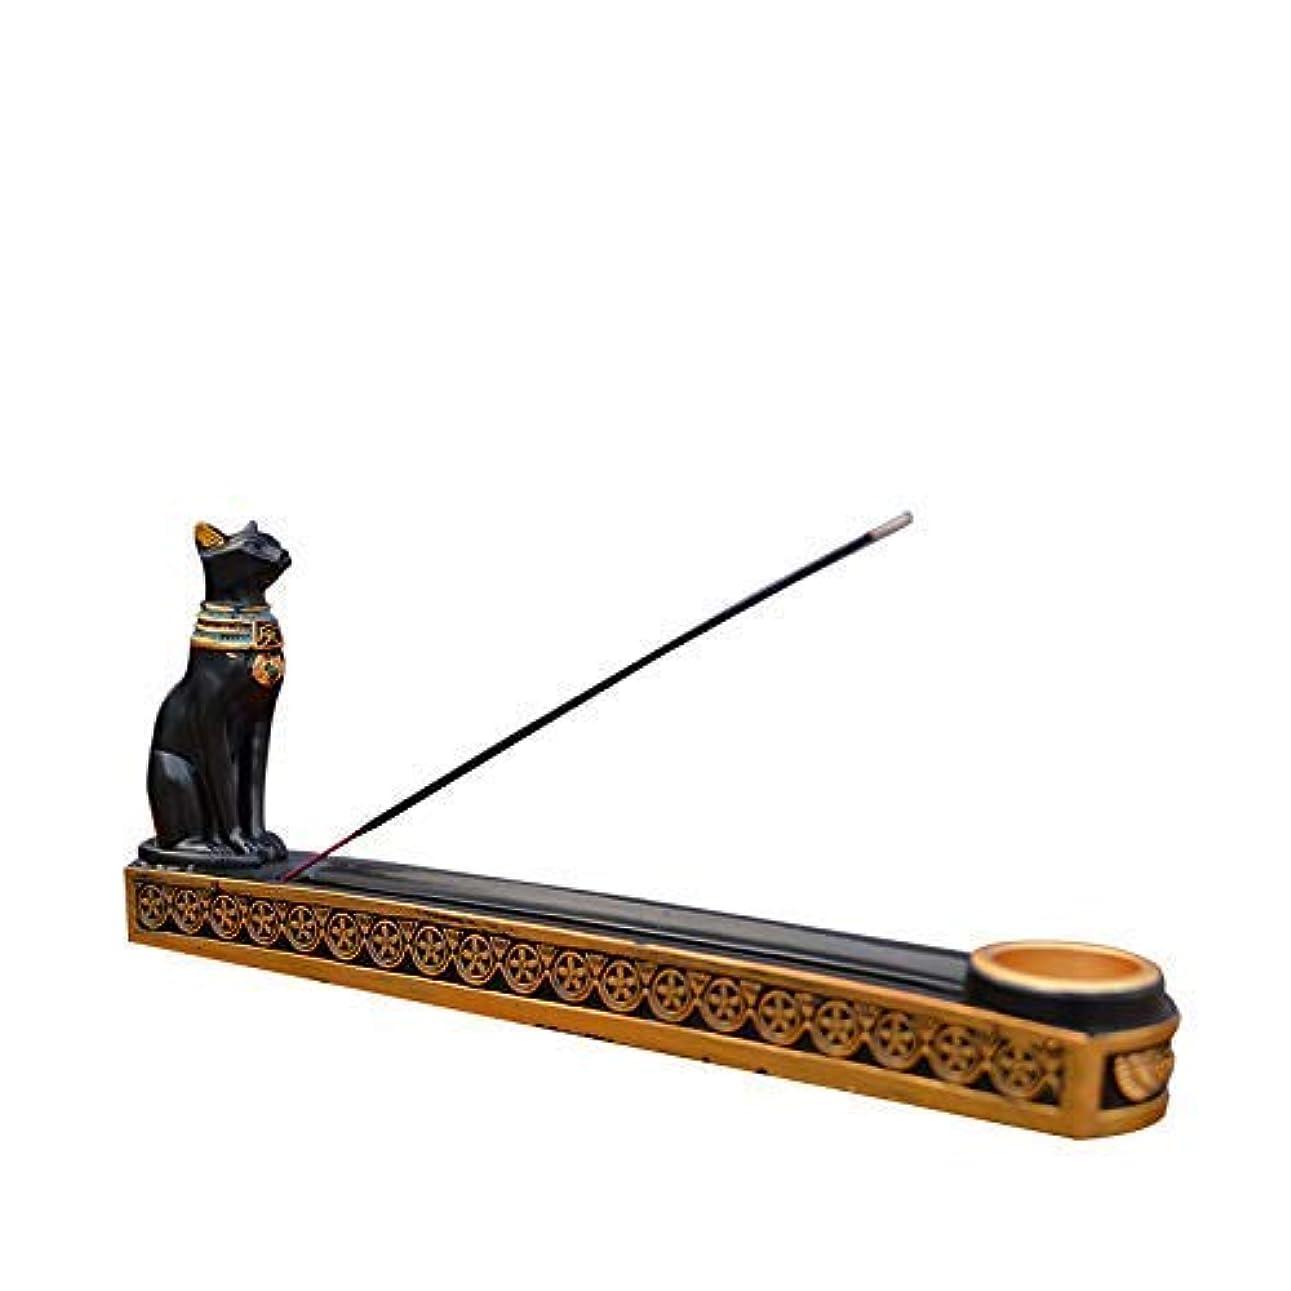 啓発する迷惑連帯tonntyann 横置き お香立て ボックス 猫 寝かせ スティックおしゃれ 線香立て お香 古代エジプト風 バステト神 アロマ お香 横置き ヒエログリフ ネ